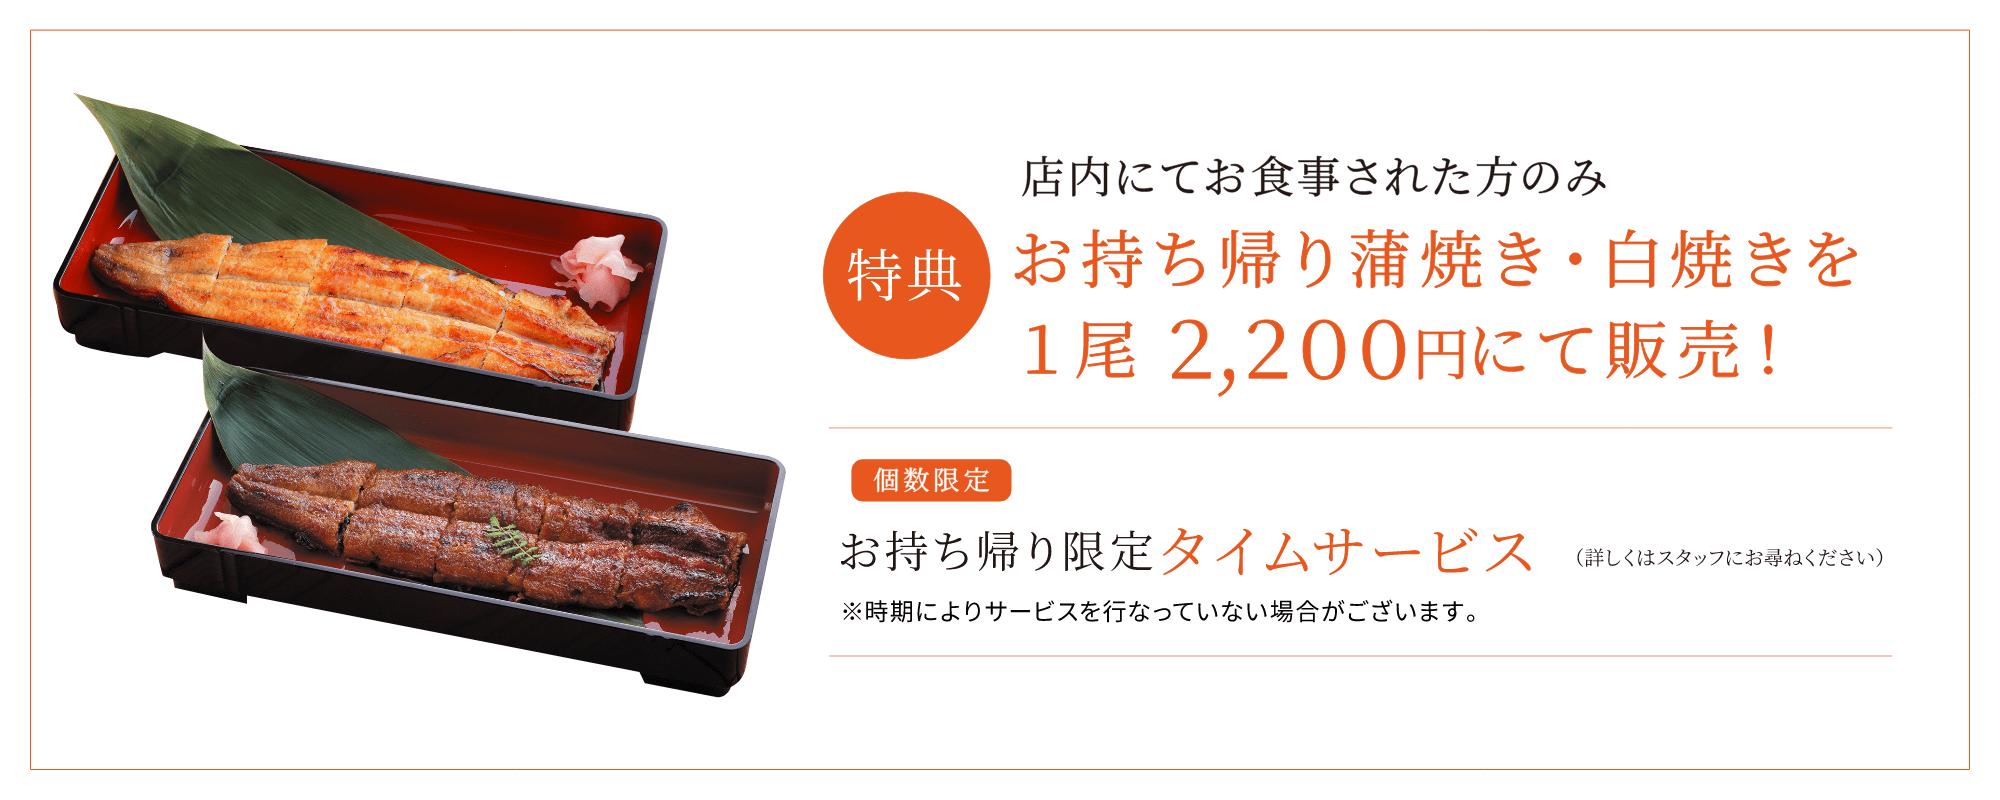 特典 店内にてお食事された方のみ お持ち帰り蒲焼き・白焼きを1尾 2,200円にて販売!